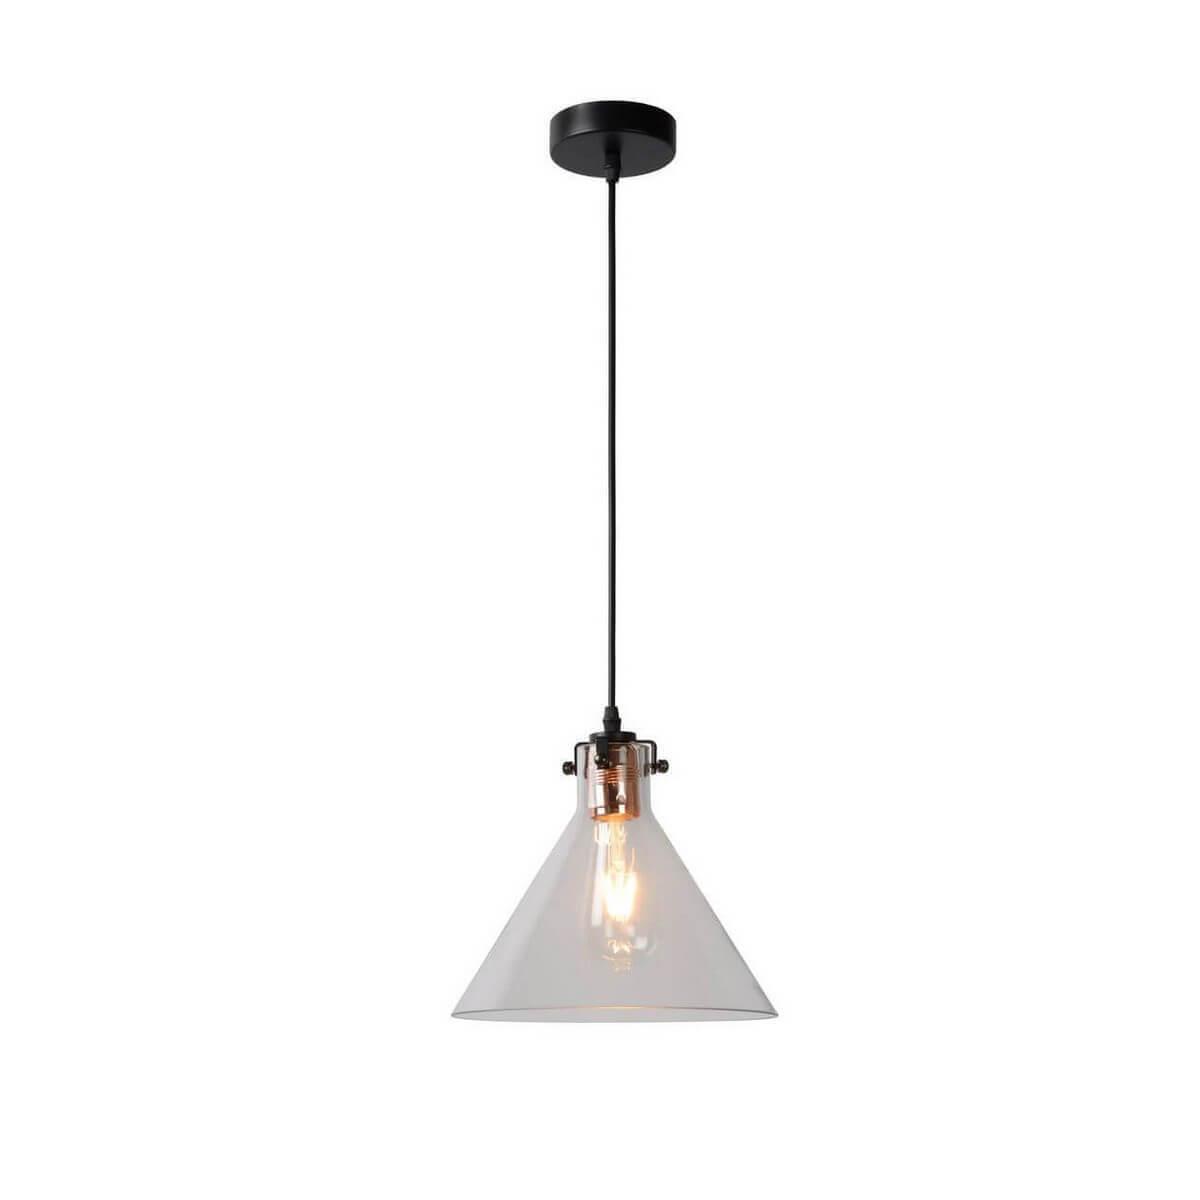 Подвесной светильник Lucide Vitri 08414/01/60 подвесной светильник lucide vitri 08413 01 60